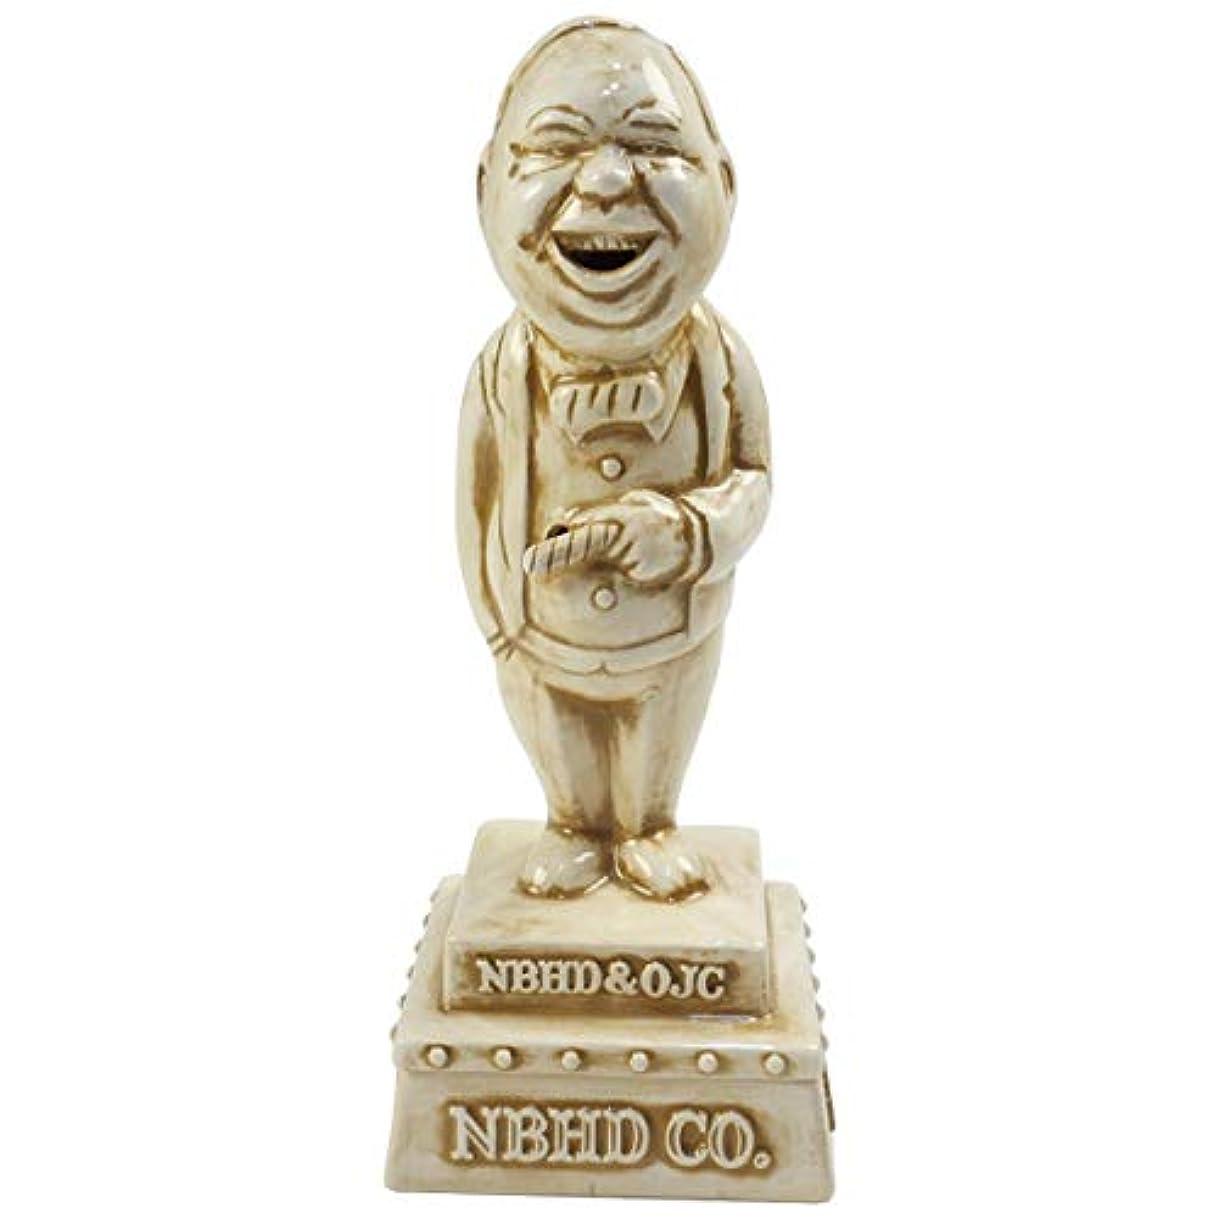 シャッフルブリリアント尊敬NEIGHBORHOOD ネイバーフッド 18AW ×OLD JOE. BOOZE/CE-INCENSE CHAMBER お香立て 茶 フリー